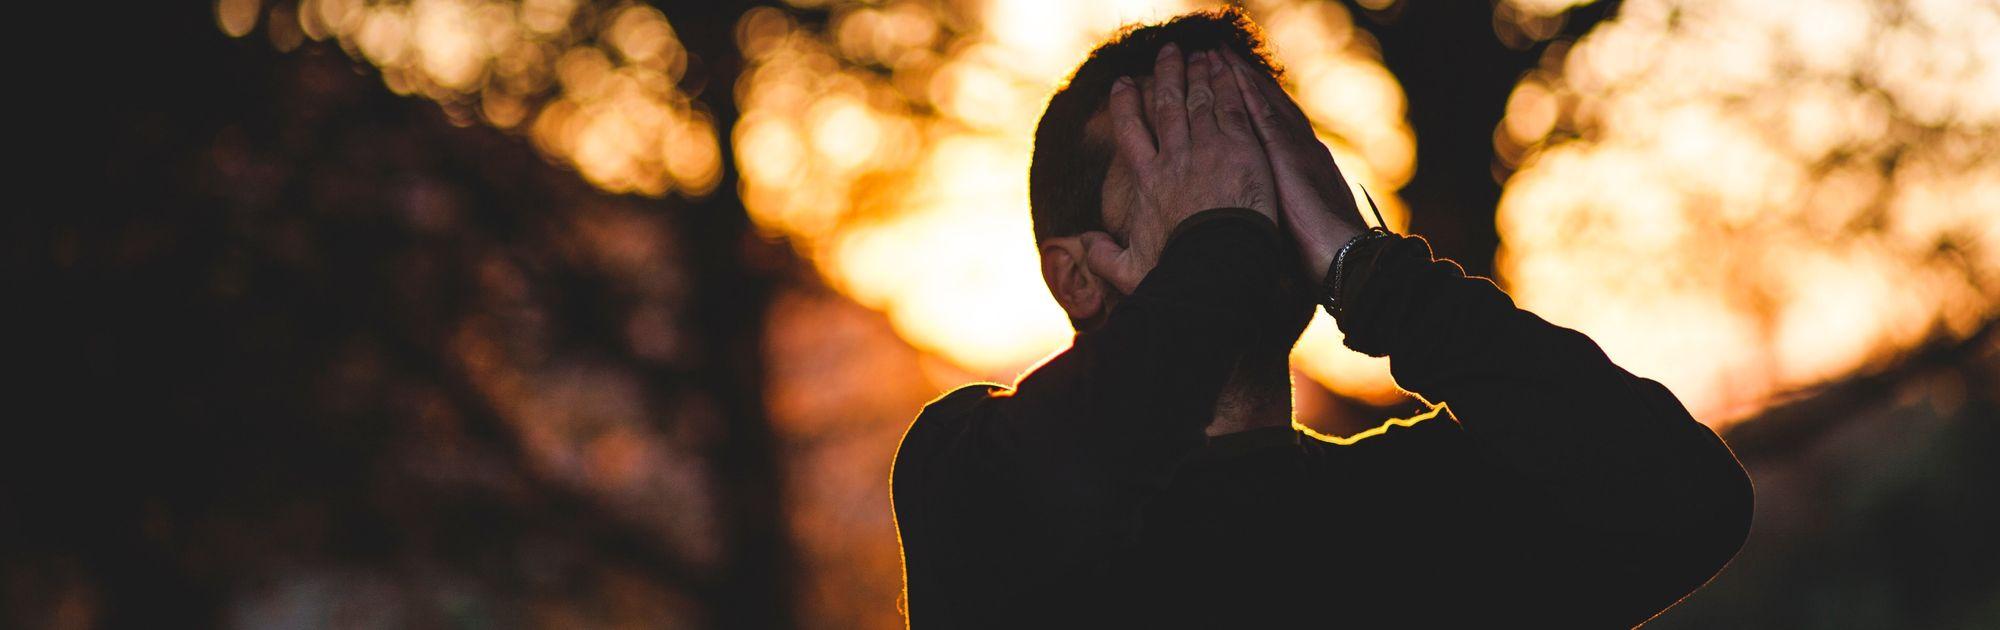 Estrés, ¿Qué es y cómo identificarlo?